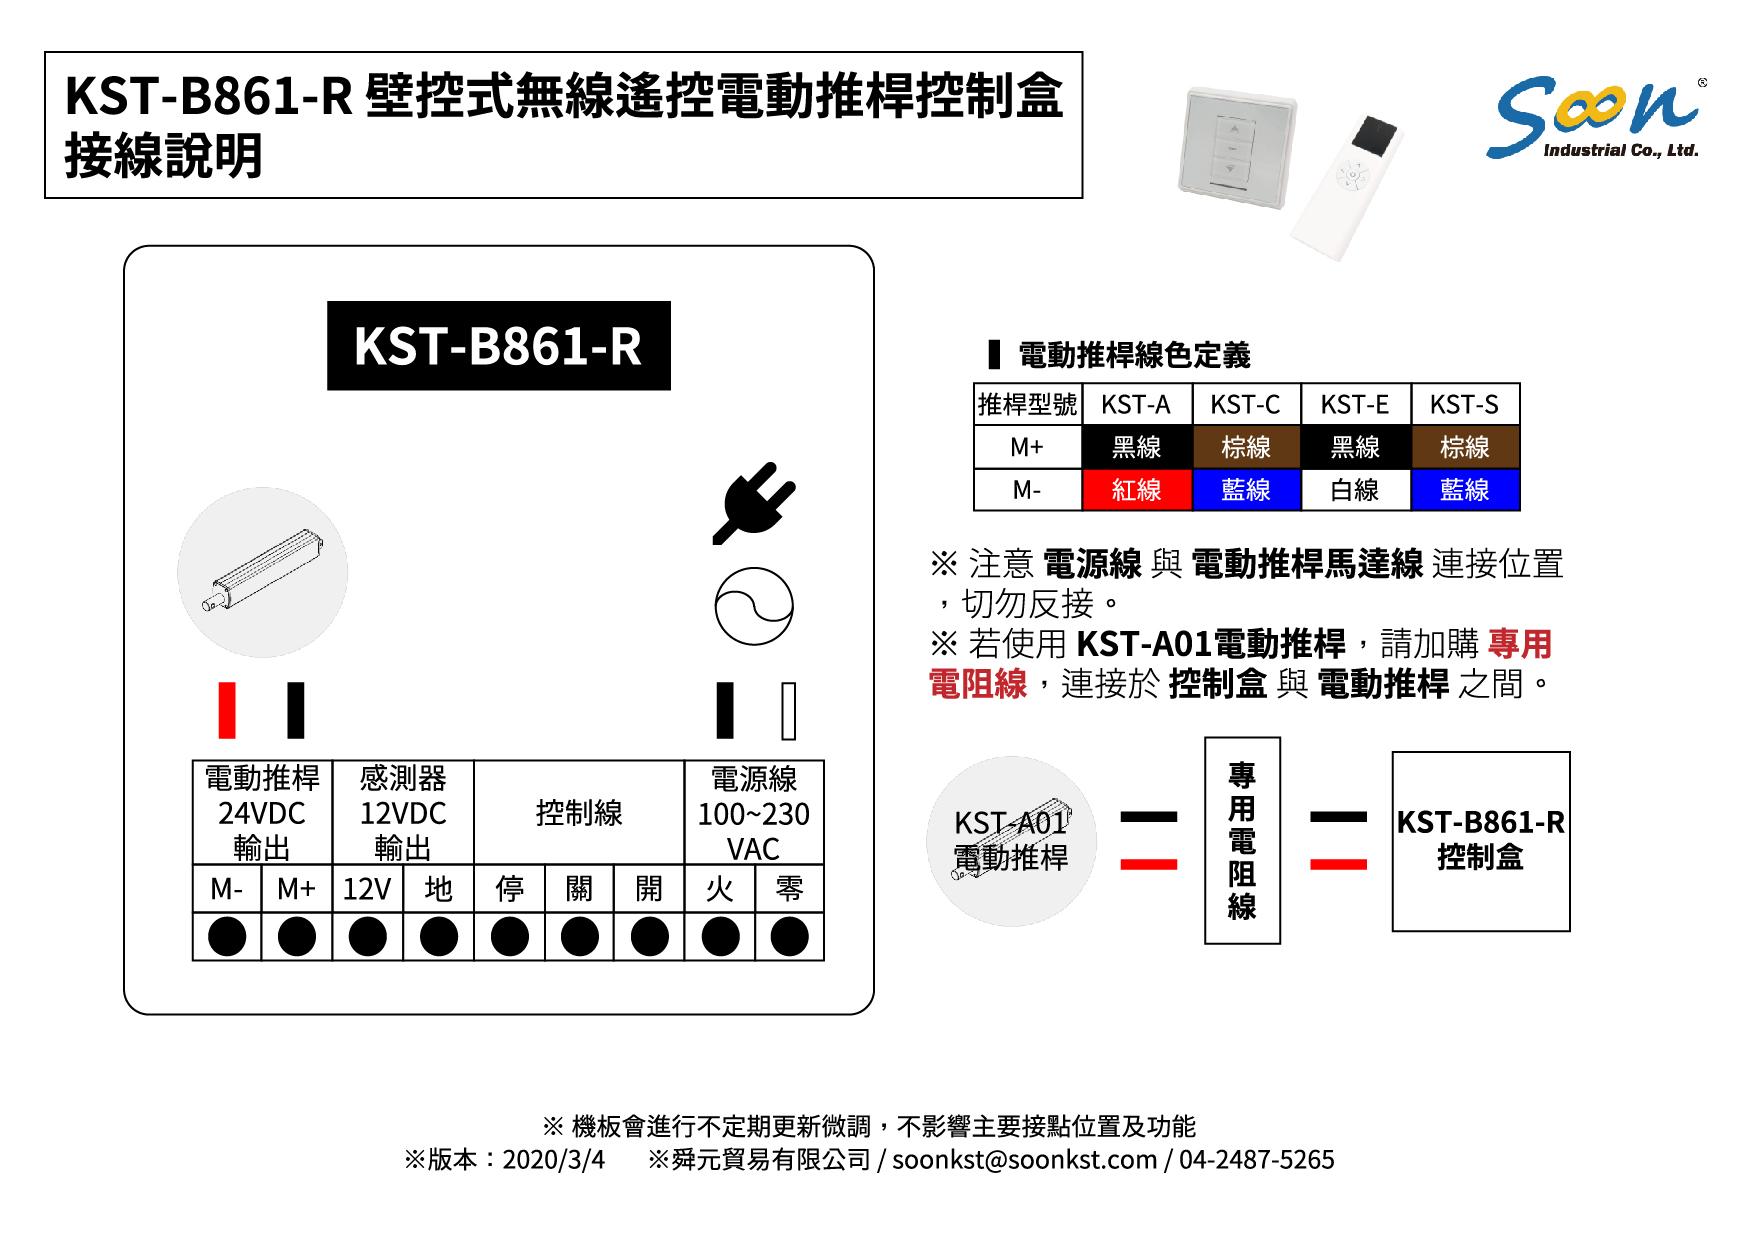 KST-B861-R 電動推桿控制盒_5